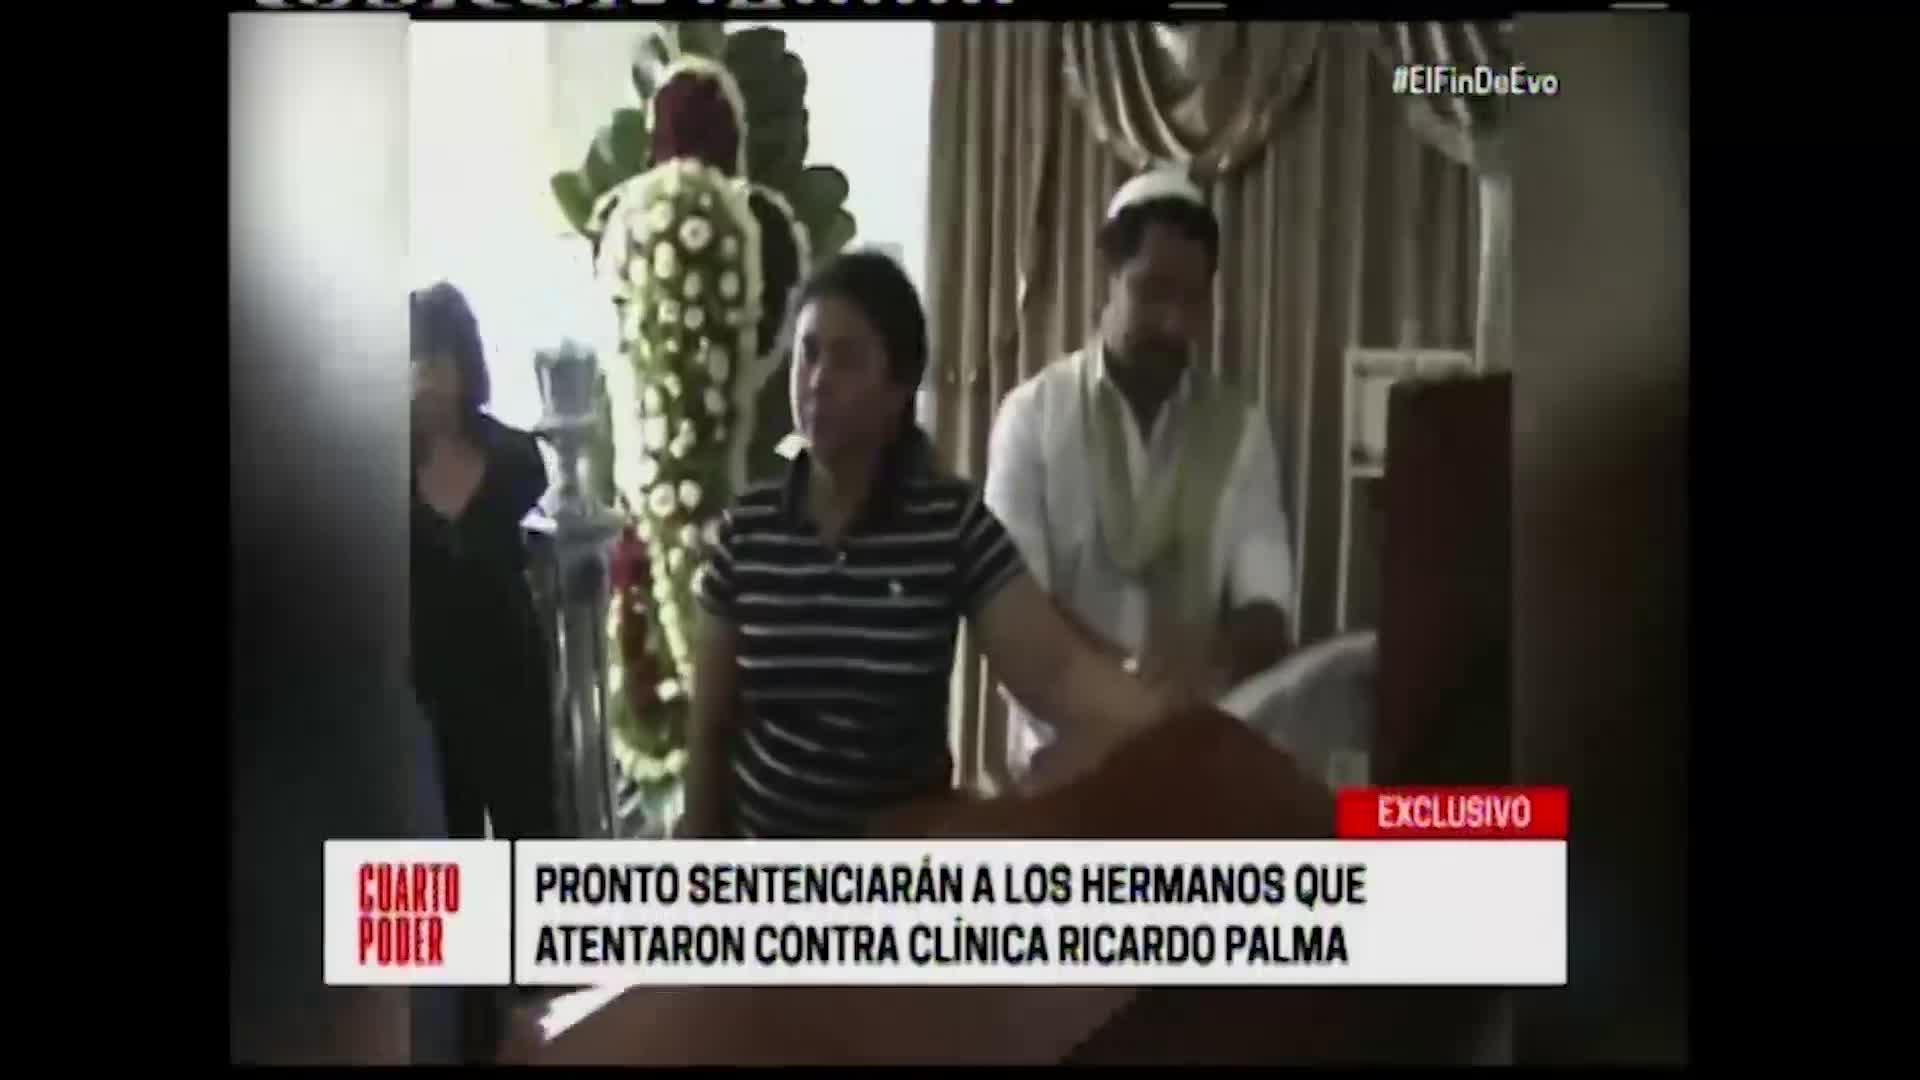 San Isidro: imágenes exclusivas de los hermanos que atentaron contra la clínica Ricardo Palma